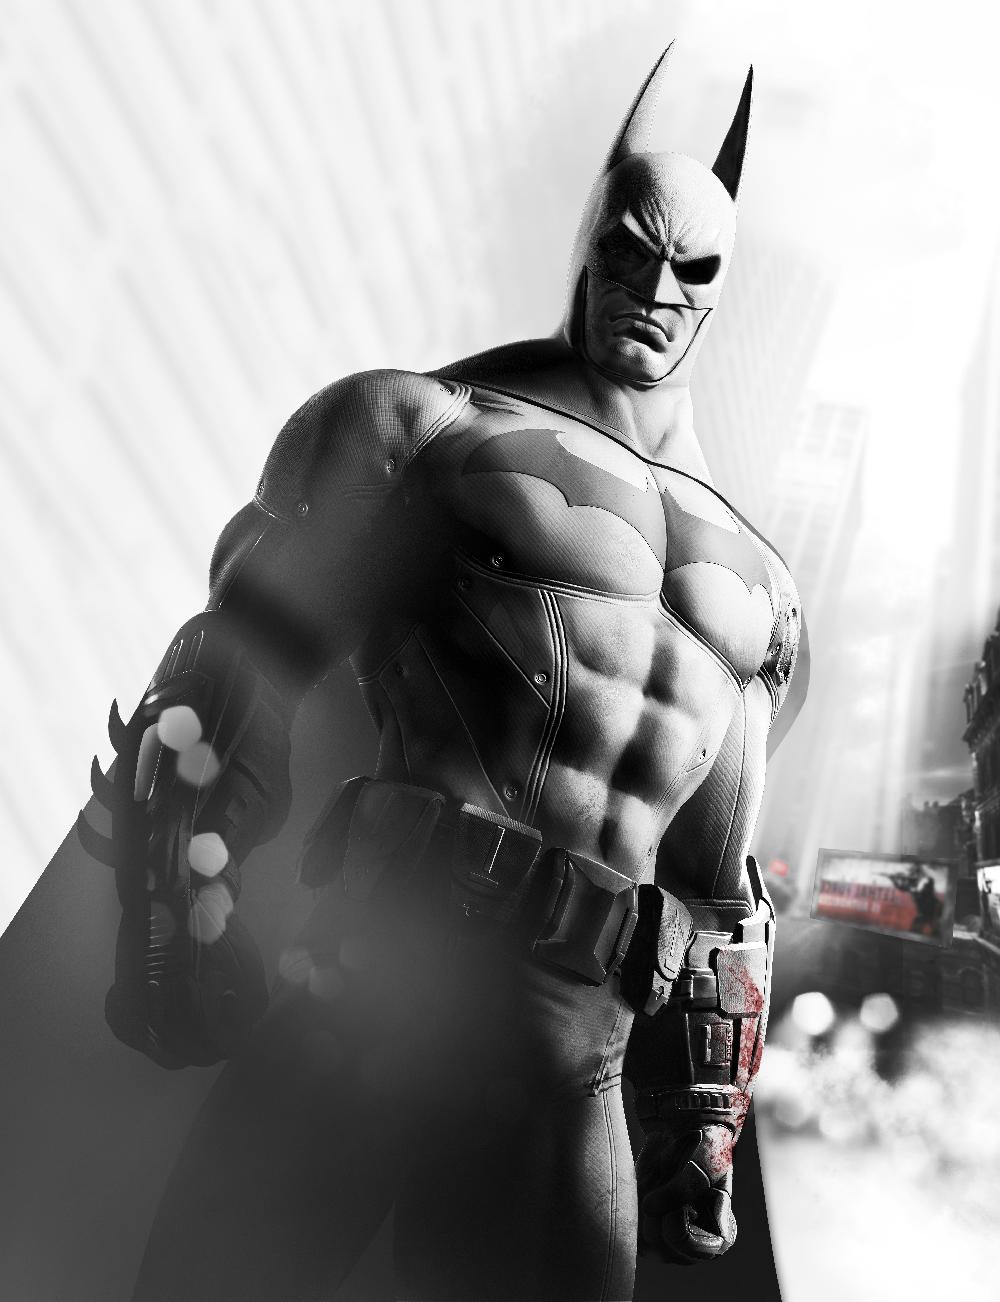 бетмен бэтмен arkham knight batman отвратительные мужики